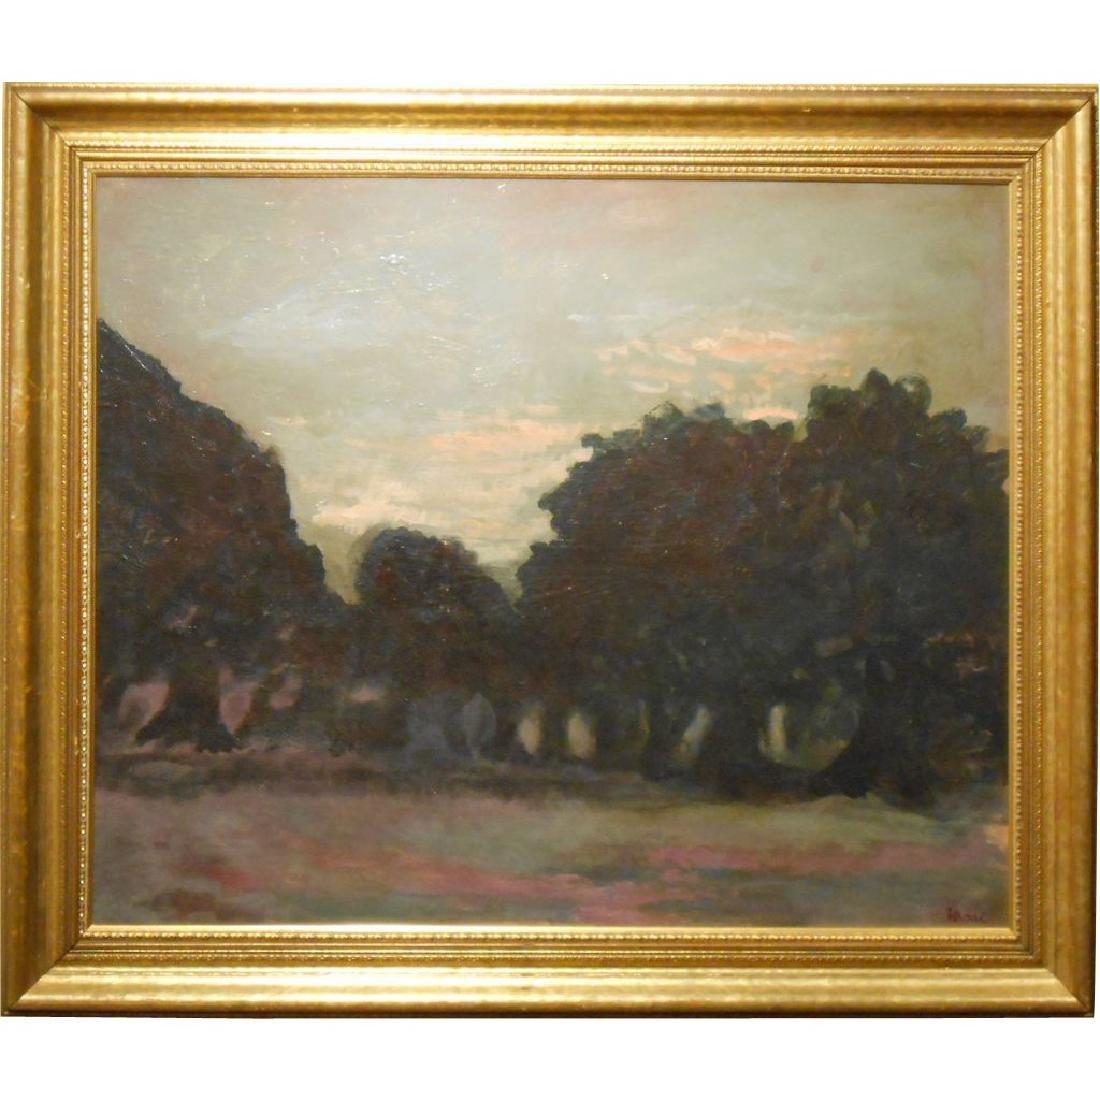 Antique Tonalist Oil Landscape Signed Henri